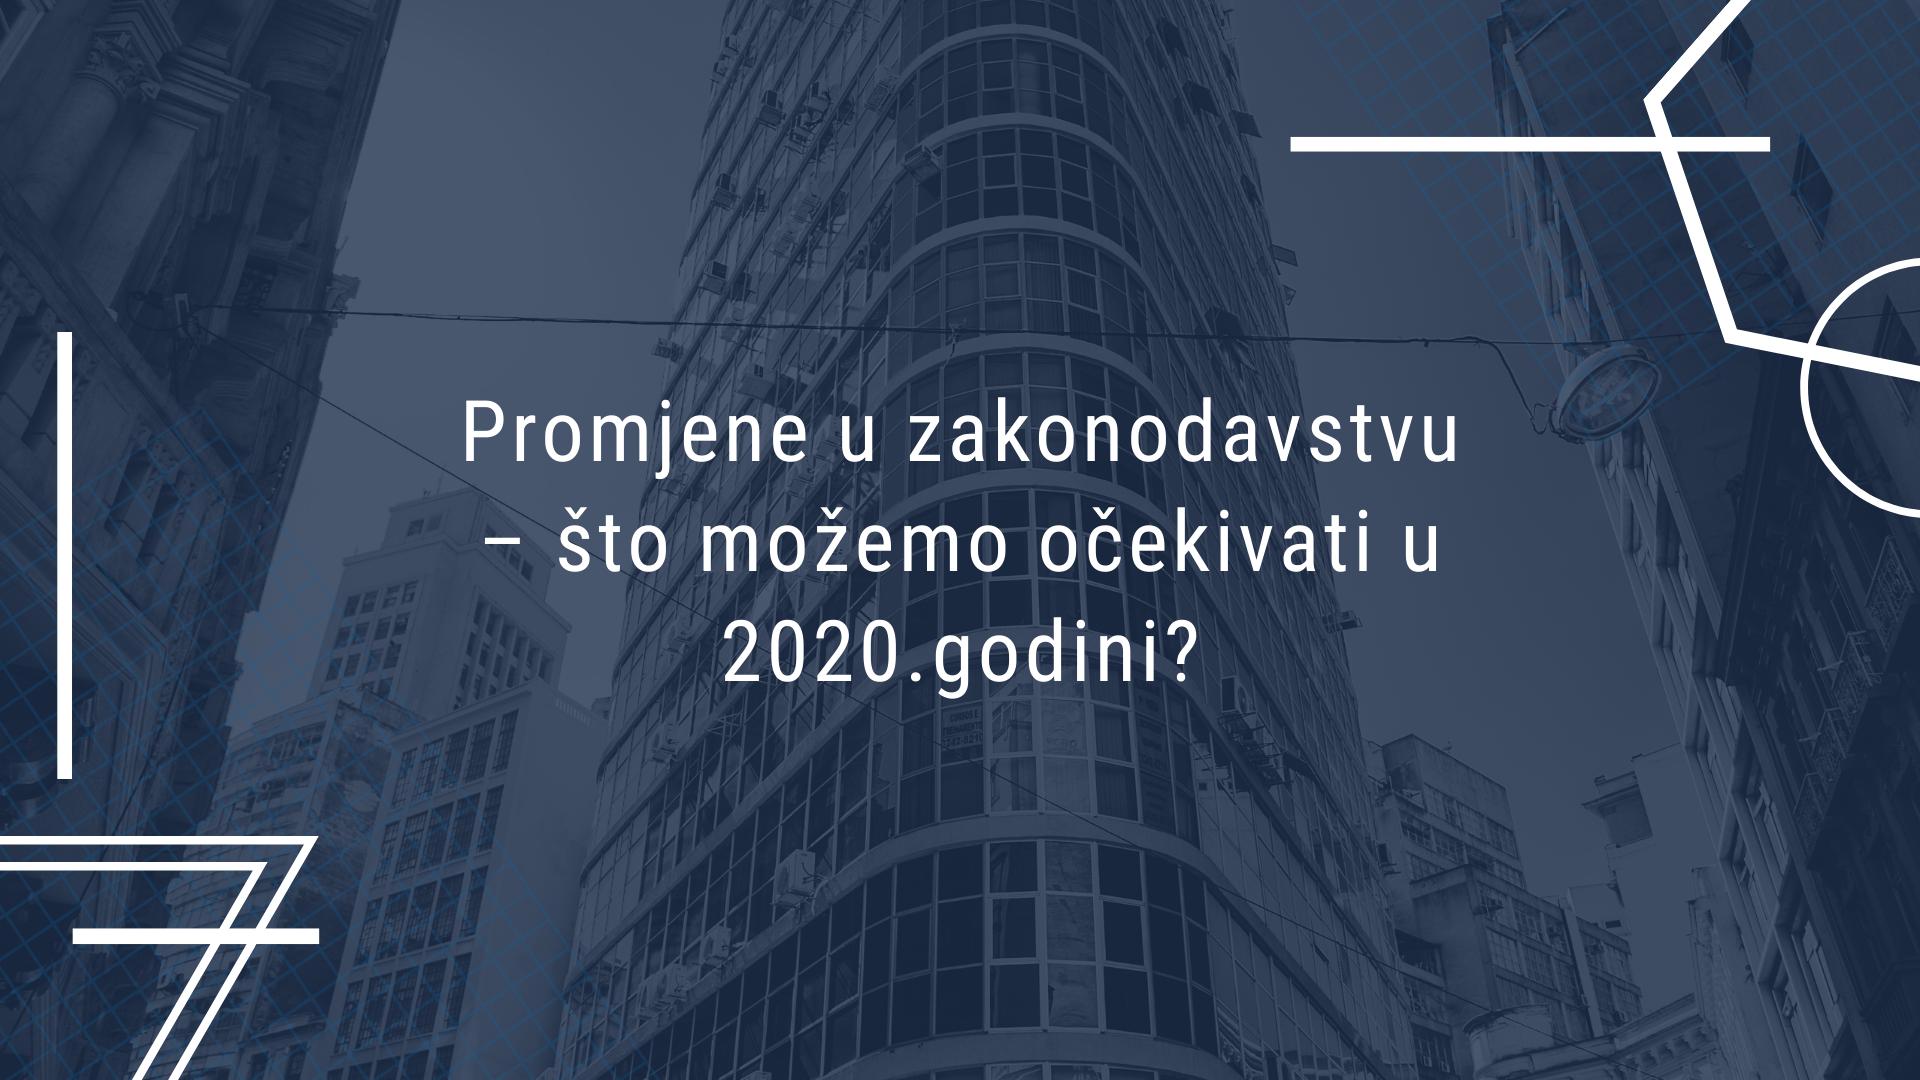 Promjene u zakonodavstvu – što možemo očekivati u 2020.godini?